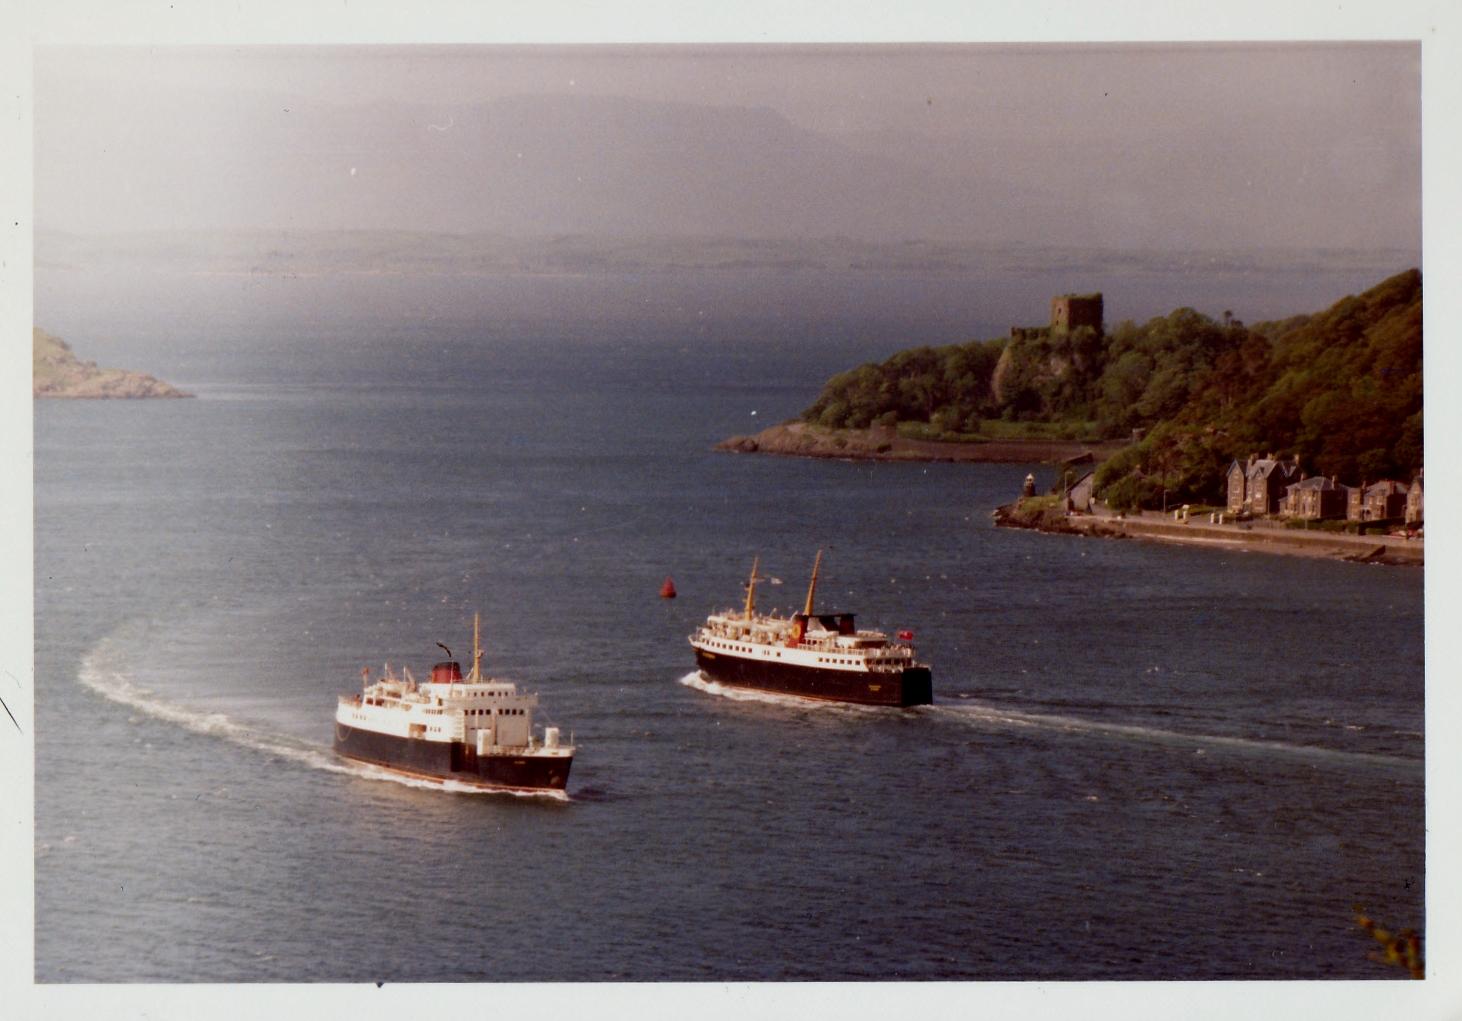 Columba and Caledonia pass off Oban